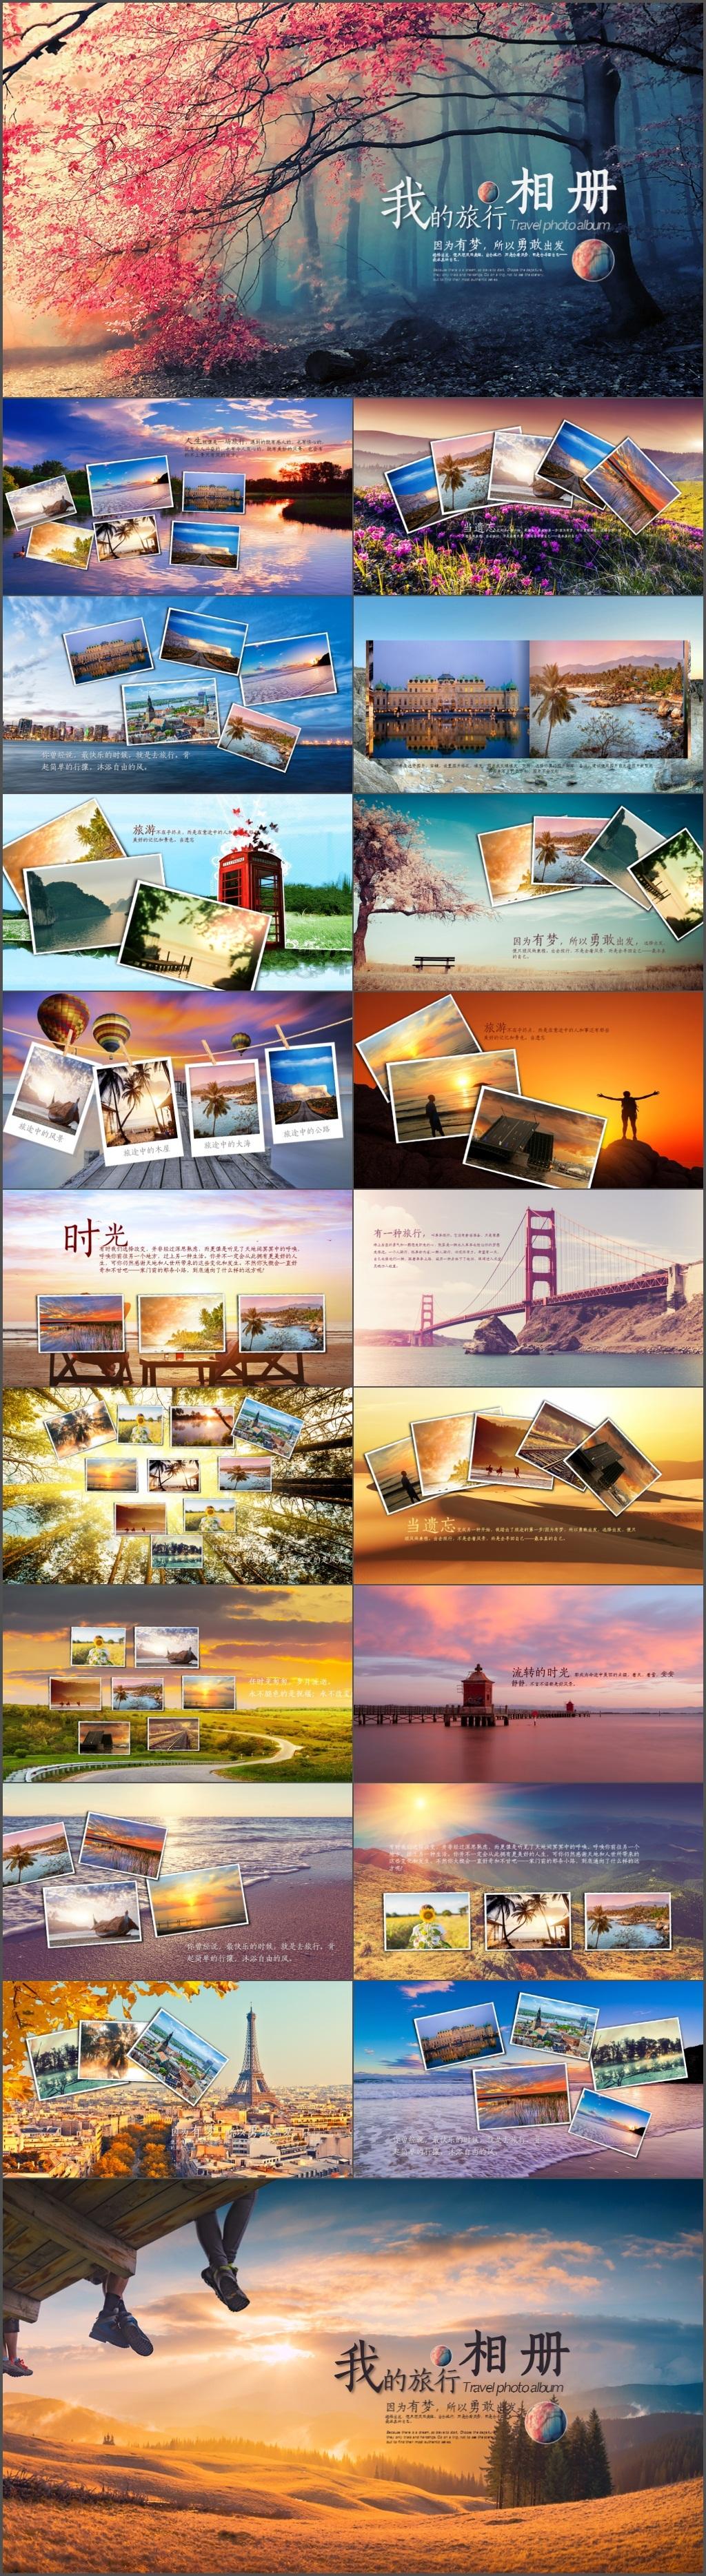 绚丽多彩旅游摄影图片展示电子相册PPT模板(215)